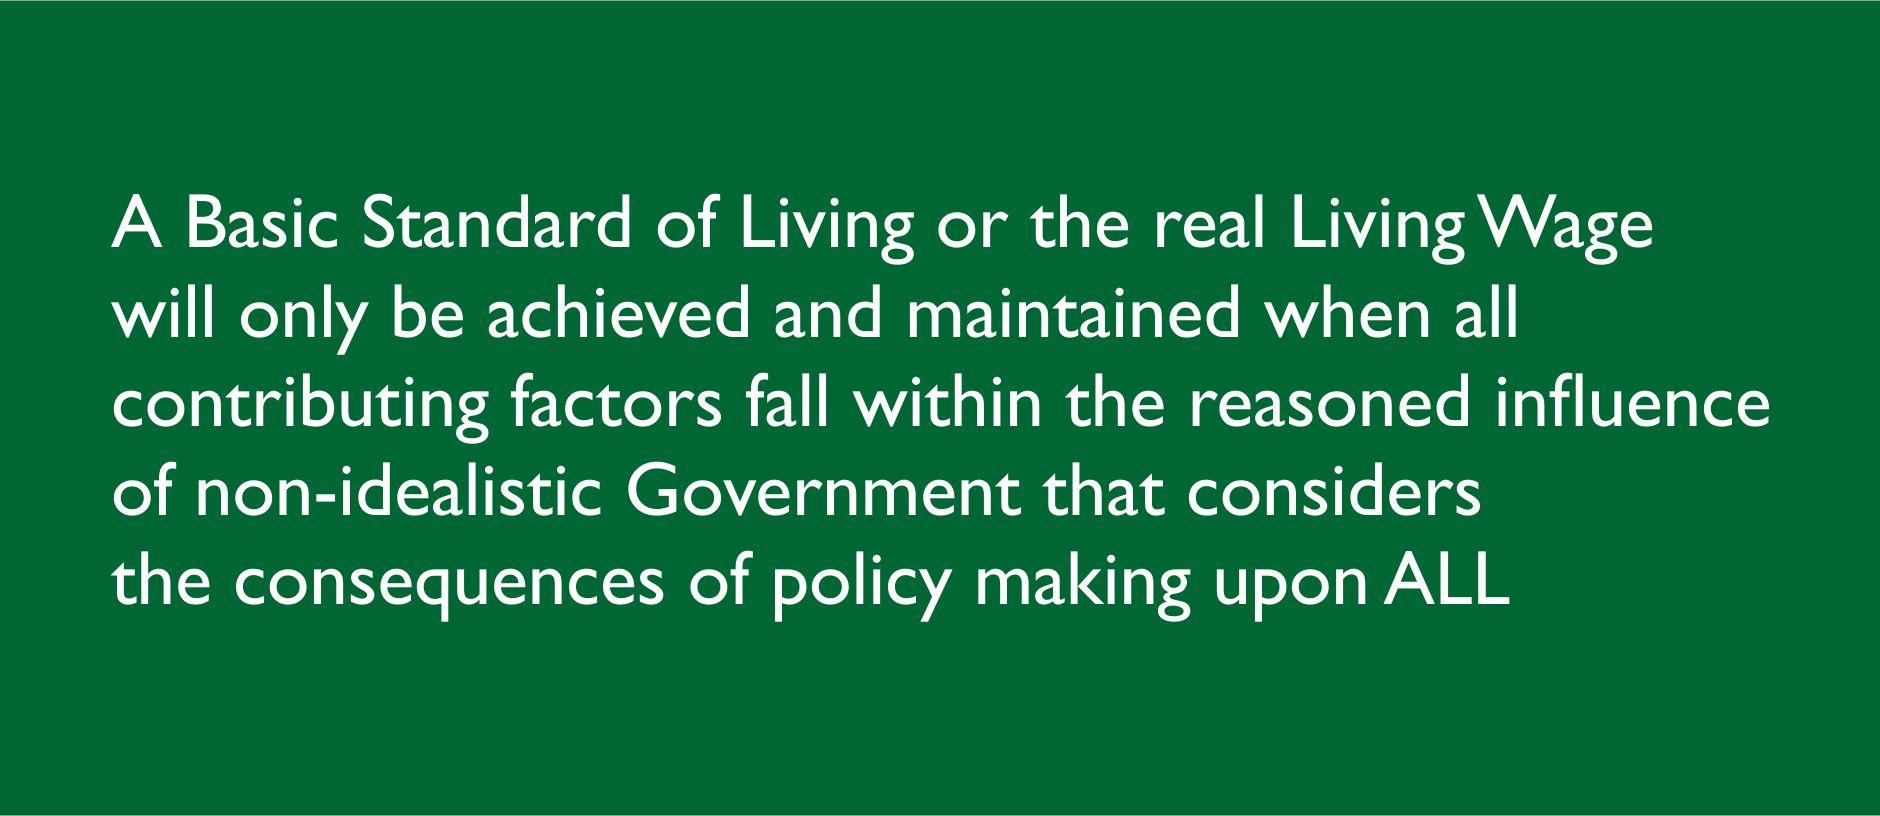 Basic Standard of Living Q